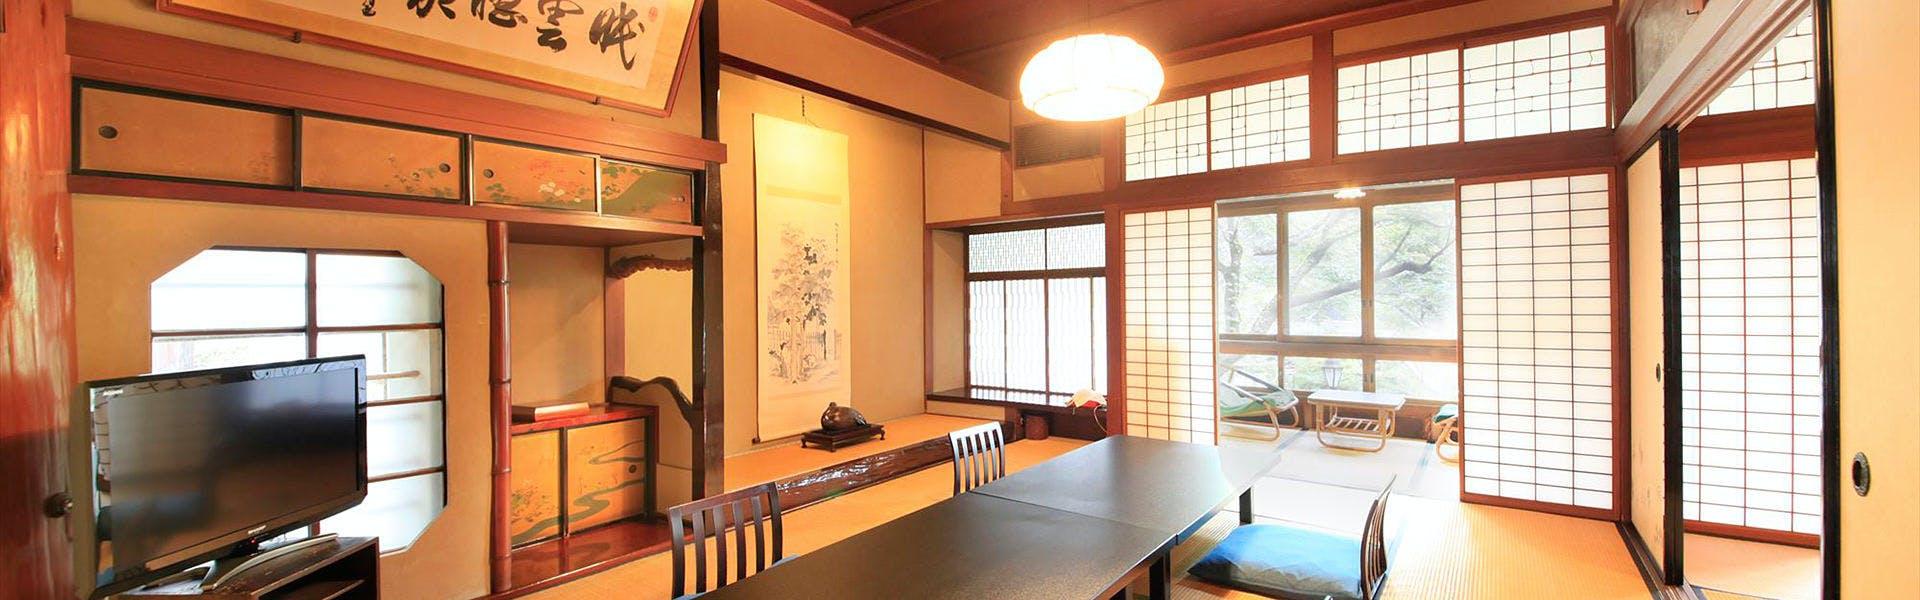 記念日におすすめのホテル・箱根湯本温泉 萬翠楼 福住の写真2